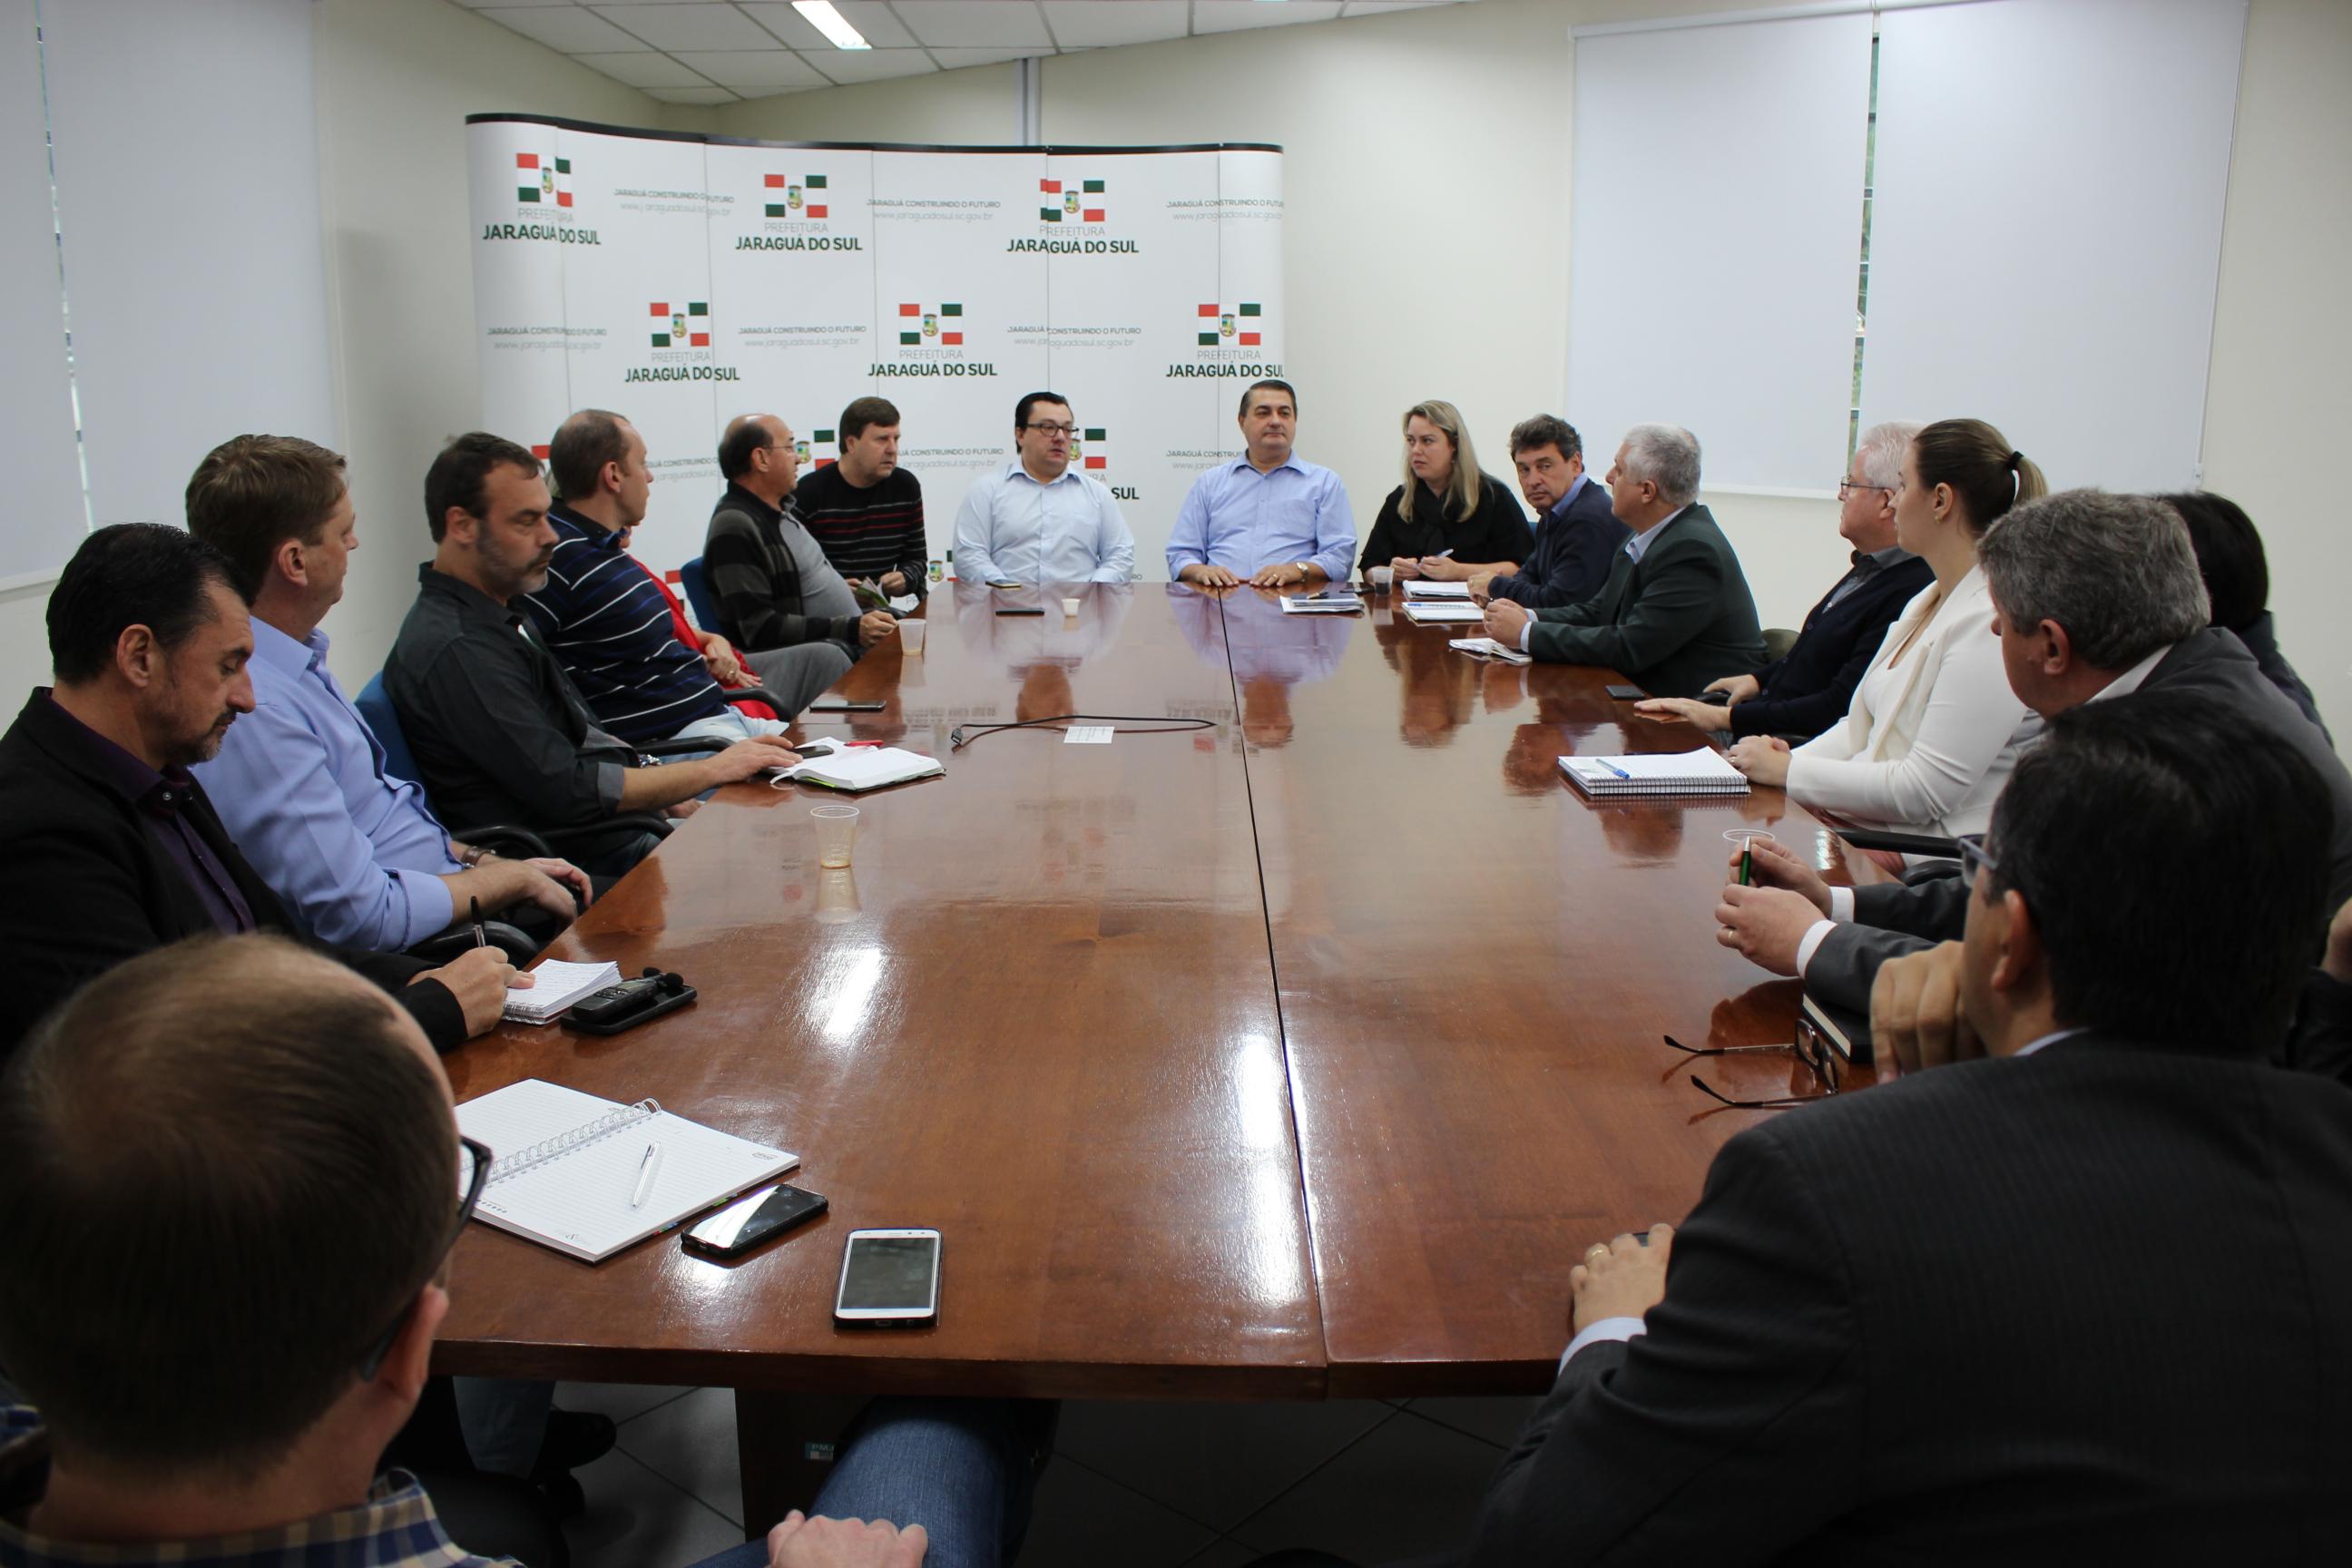 O prefeito de Jaraguá do Sul, Antídio Aleixo Lunelli, comandou uma reunião com os secretários municipais | Foto Divulgação/Prefeitura de Jaraguá do Sul